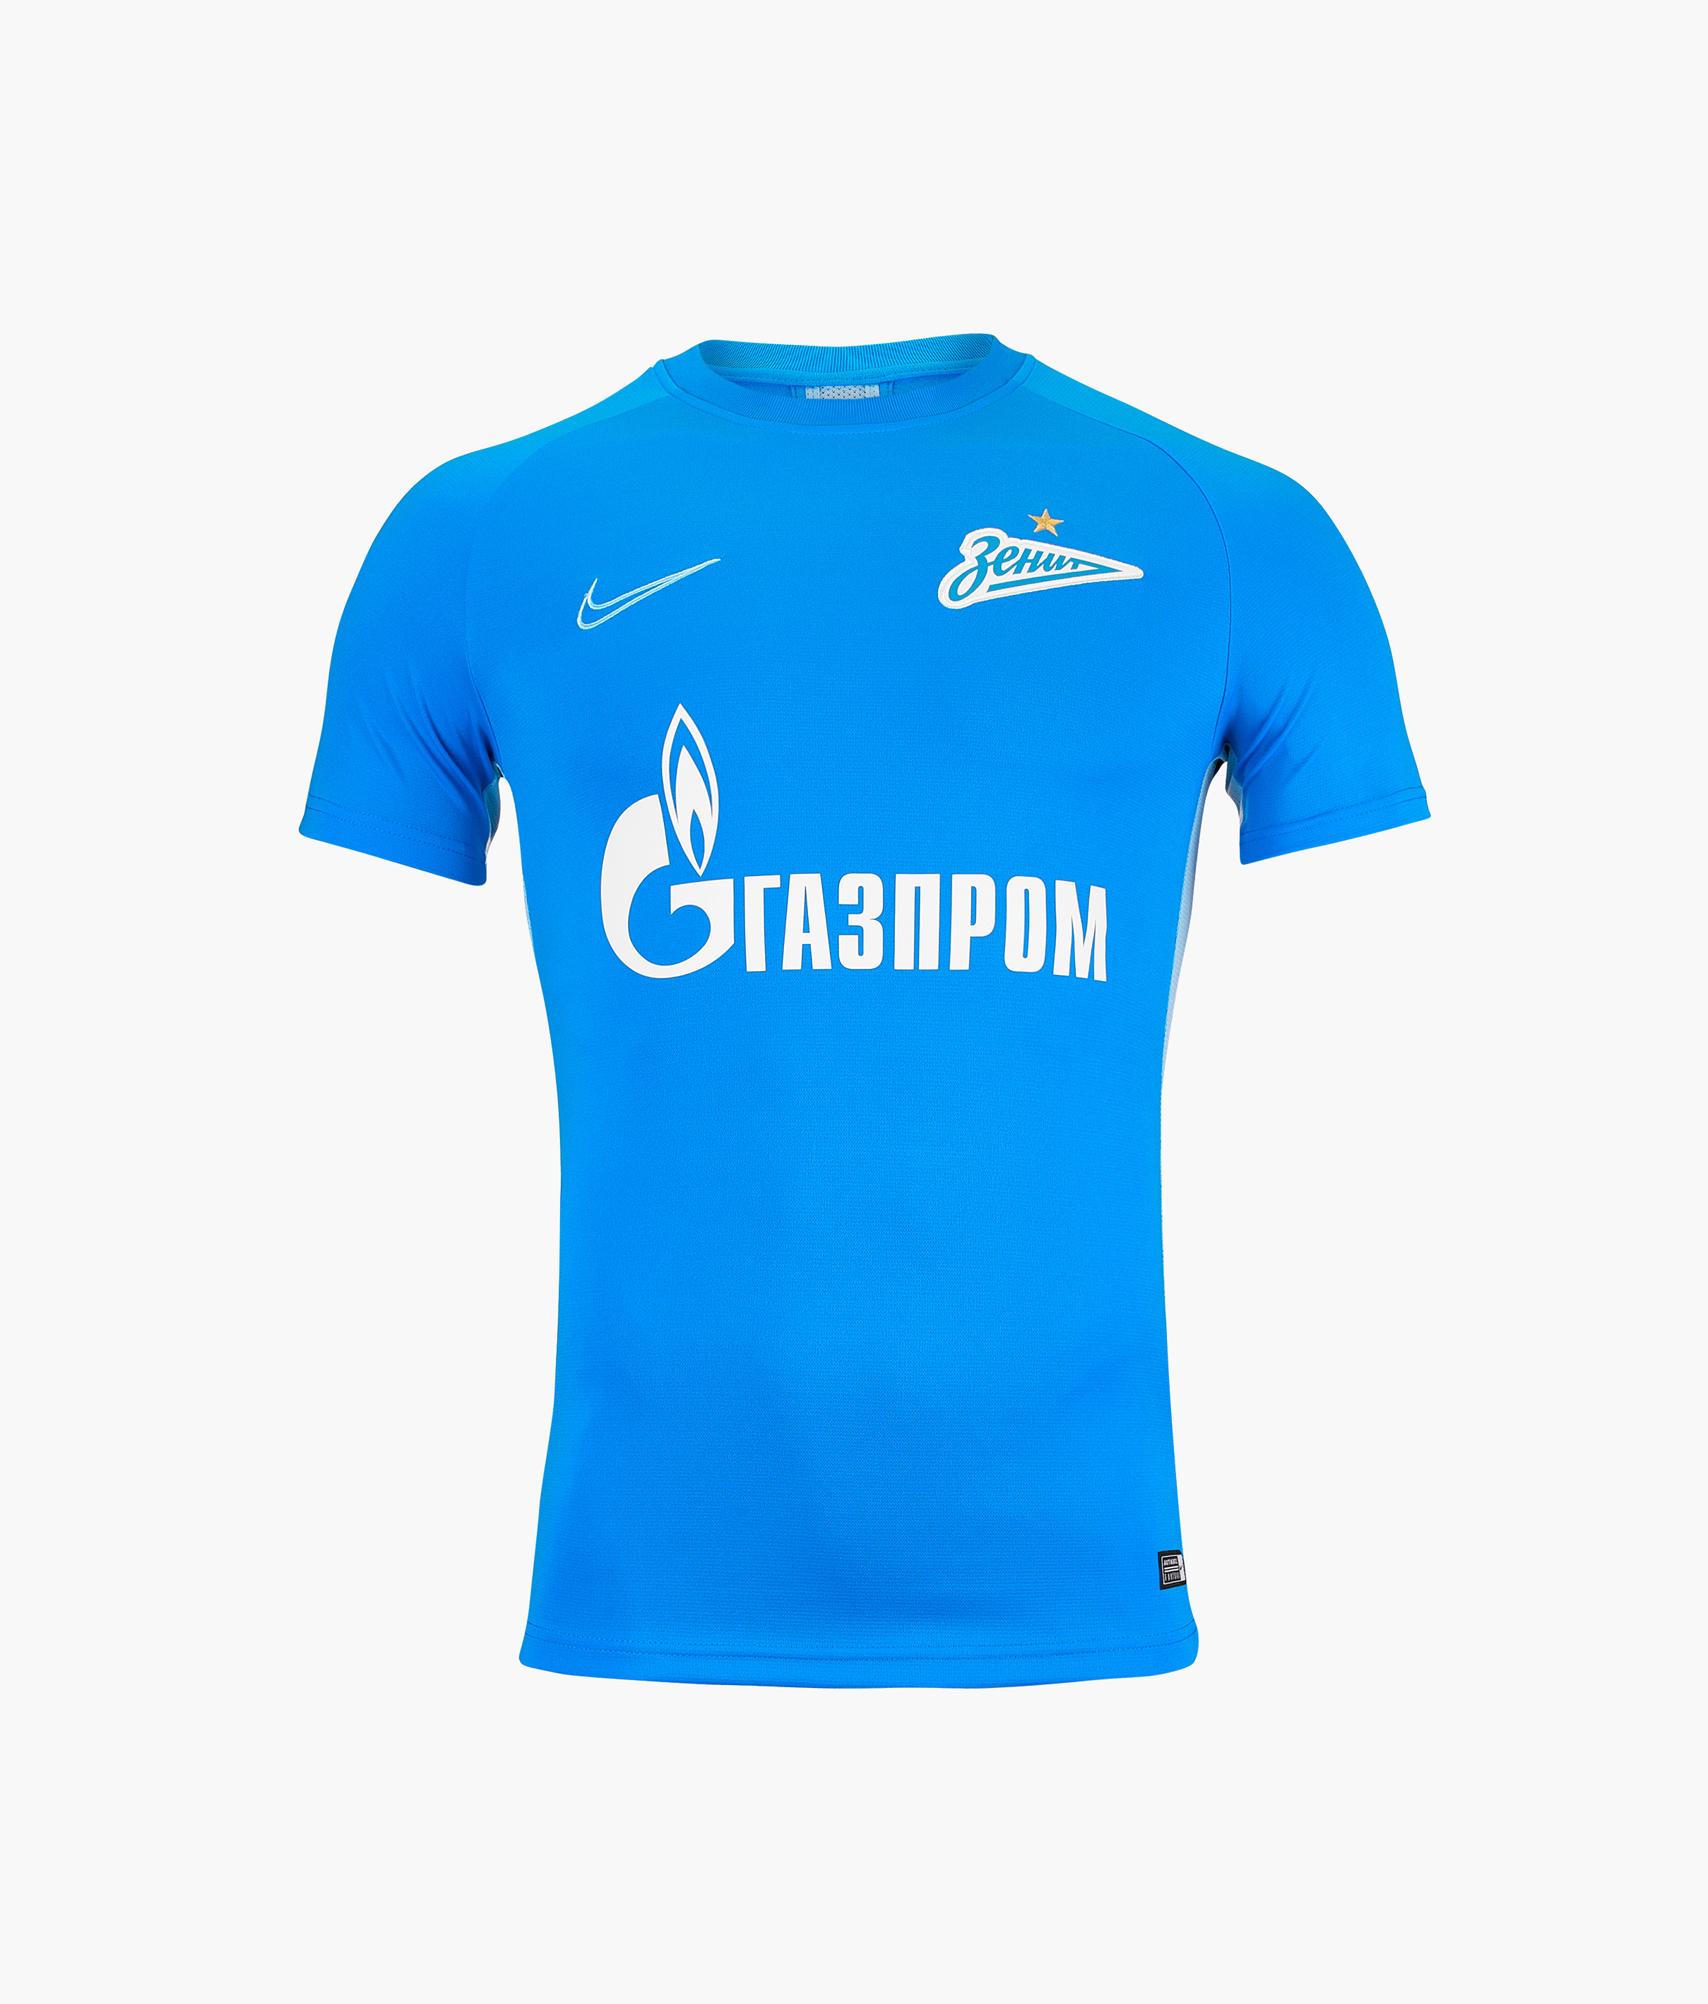 Футболка тренировочная Nike Zenit 2019/20 Nike Цвет-Синий цена